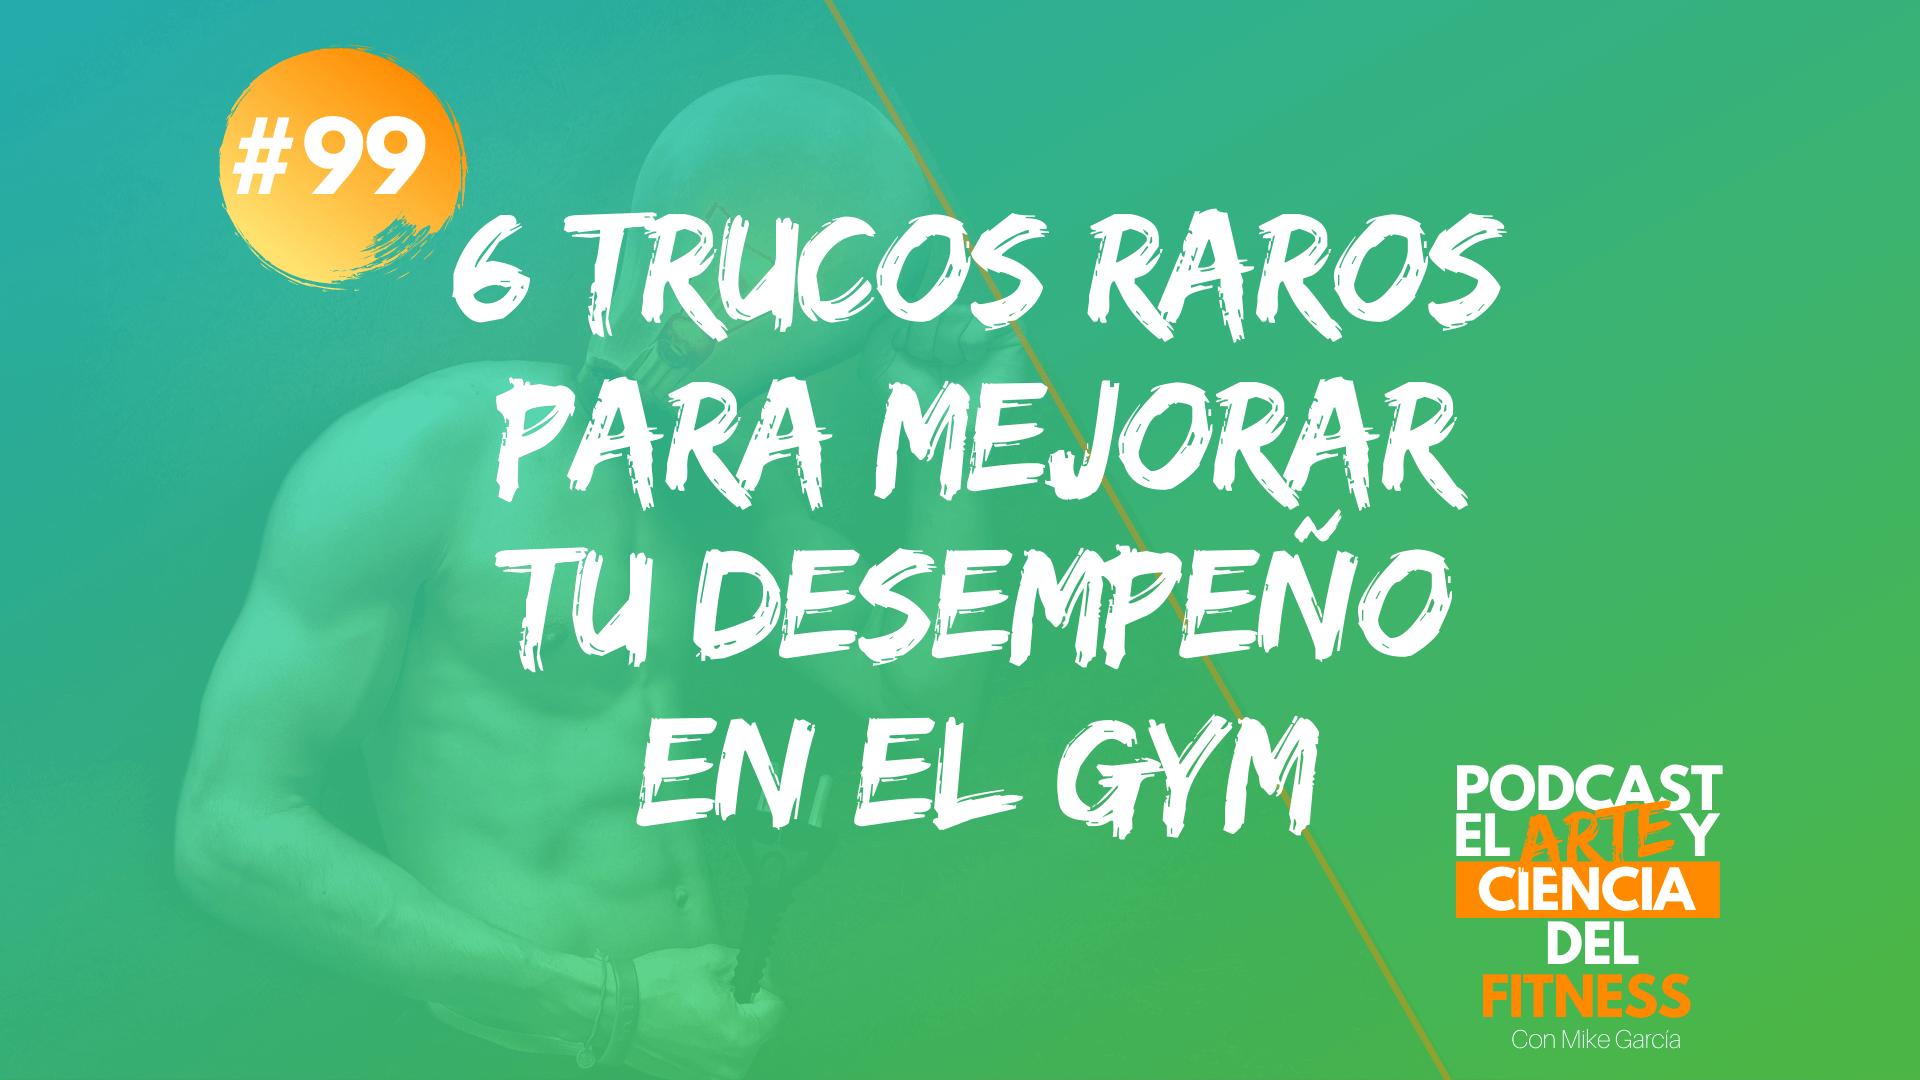 Podcast #99: 6 Trucos Raros Para Mejorar Tu Desempeño En El Gym